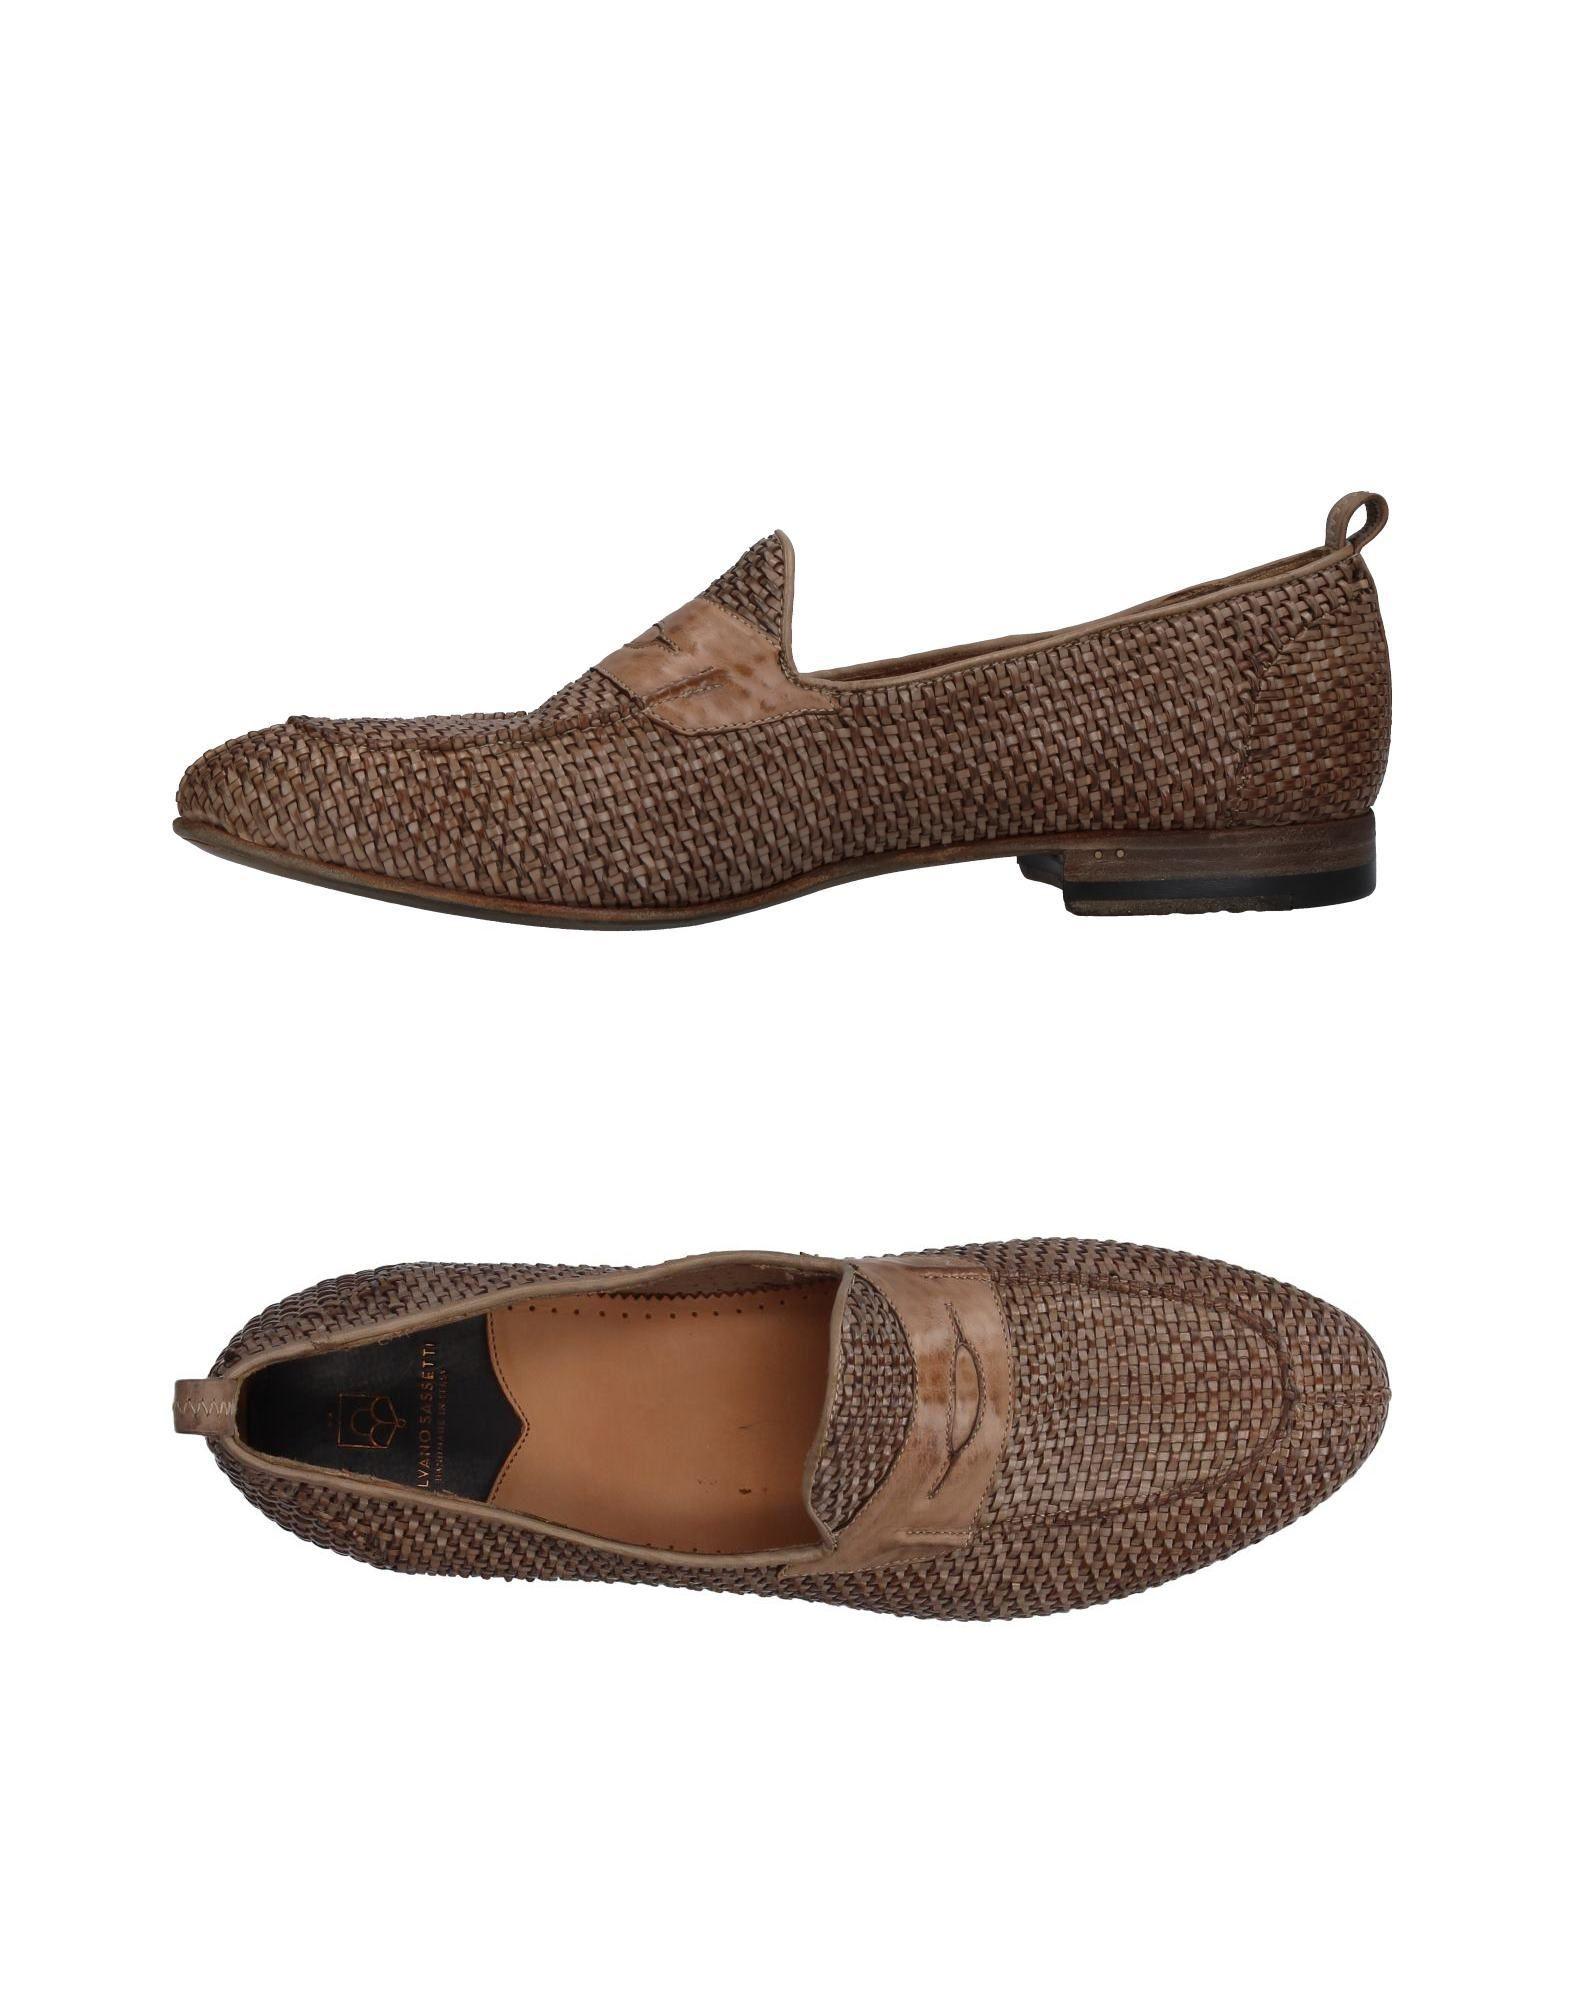 Silvano Sassetti Mokassins Herren  11374299WC Gute Qualität beliebte Schuhe